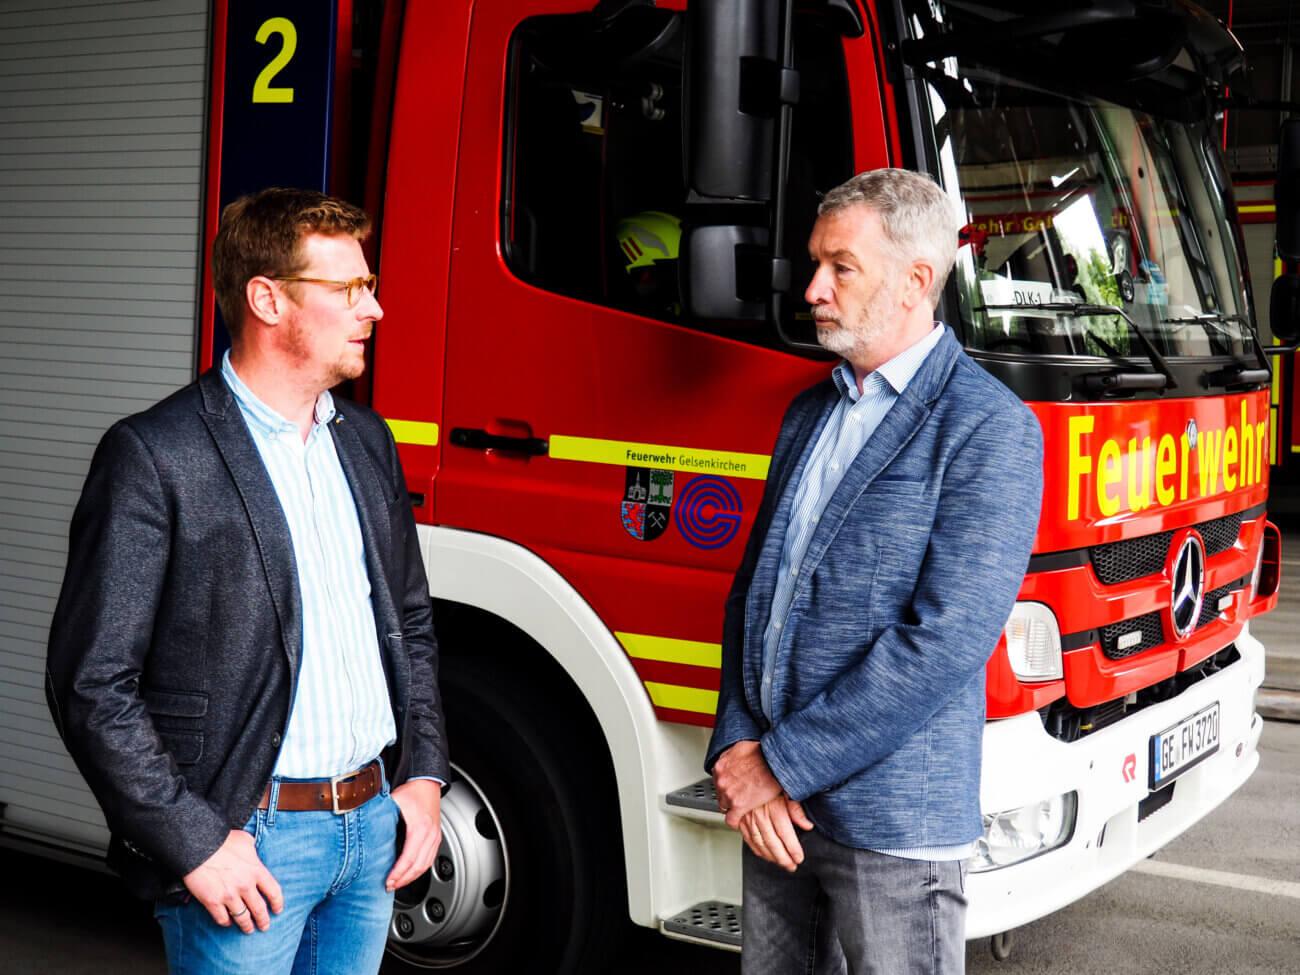 Julius Leberl und Frank Flieger stehen vor einem Feuerwehrauto und reden über Inklusion